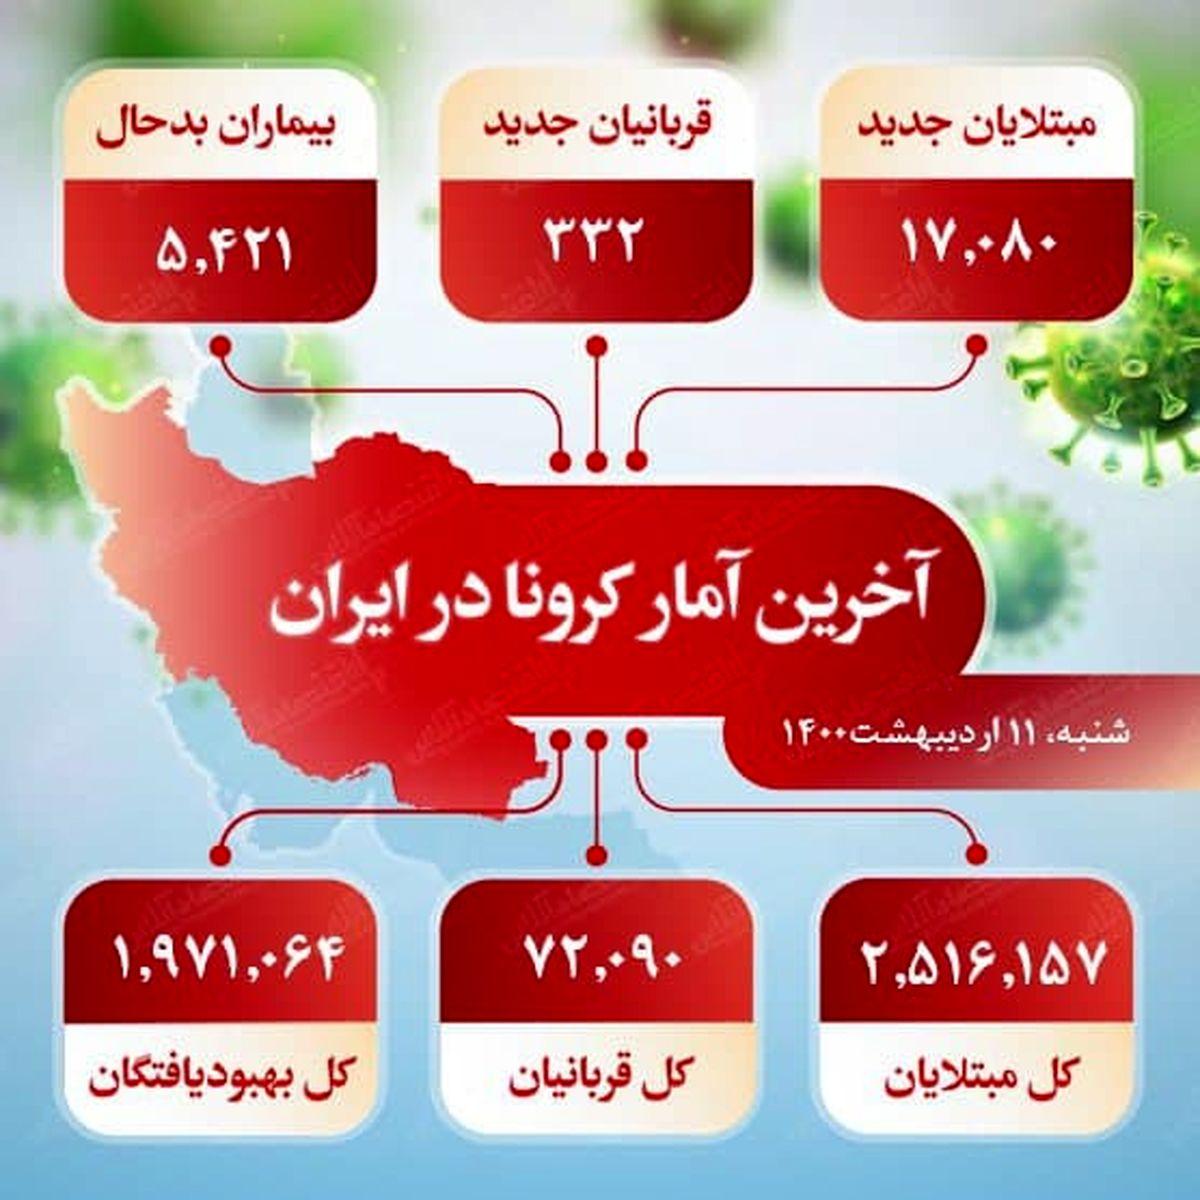 آخرین آمار کرونا در ایران (۱۴۰۰/۲/۱۱)